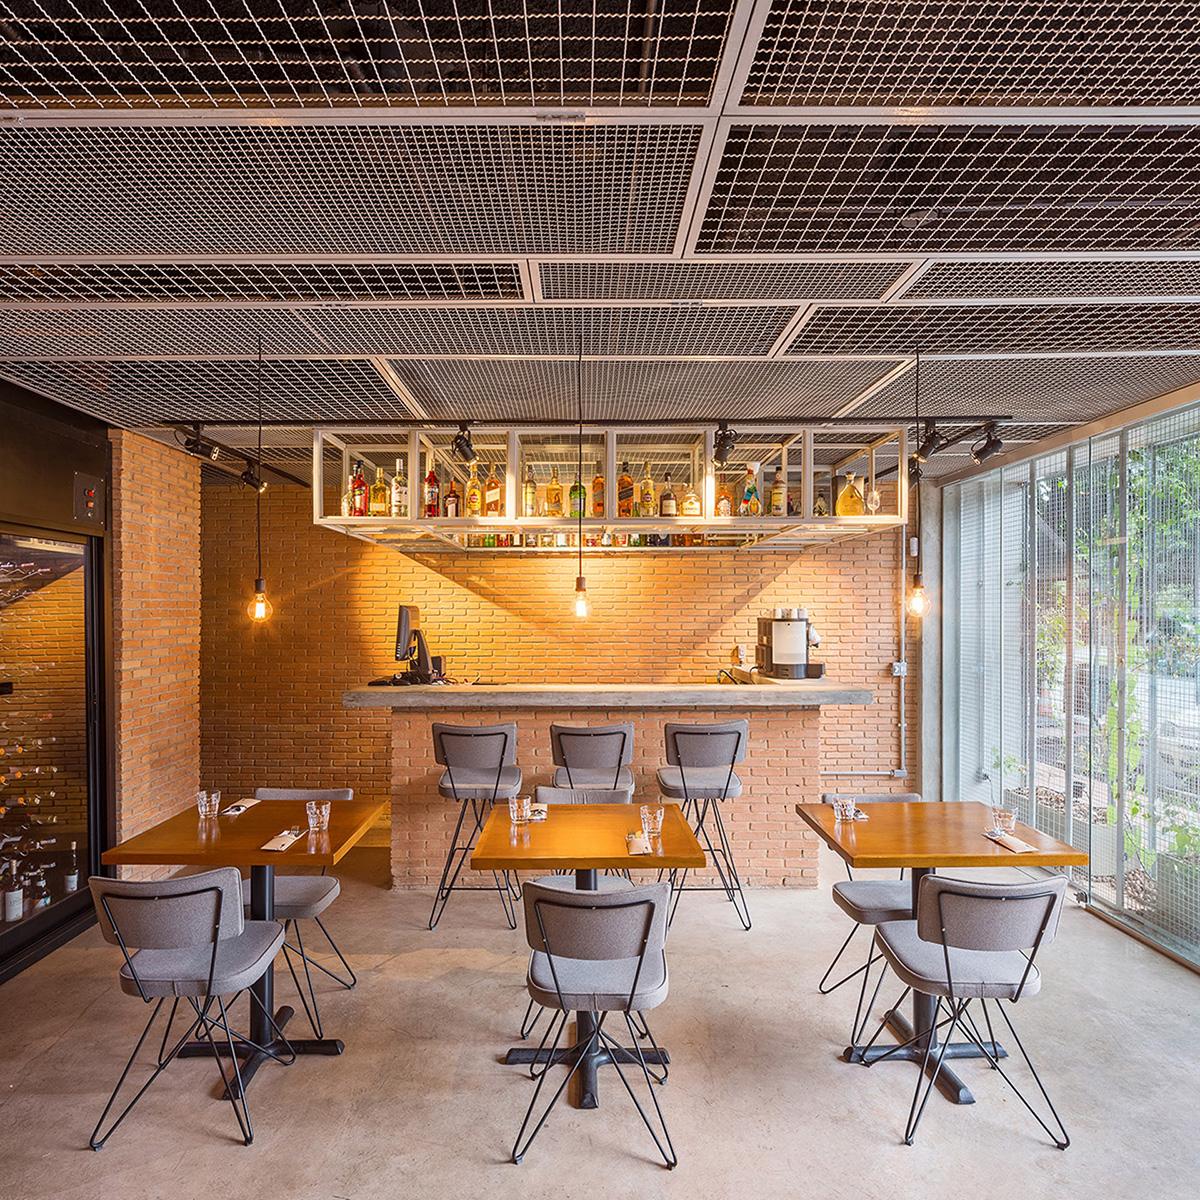 07-authoral-restaurant-bloco-arquitetos